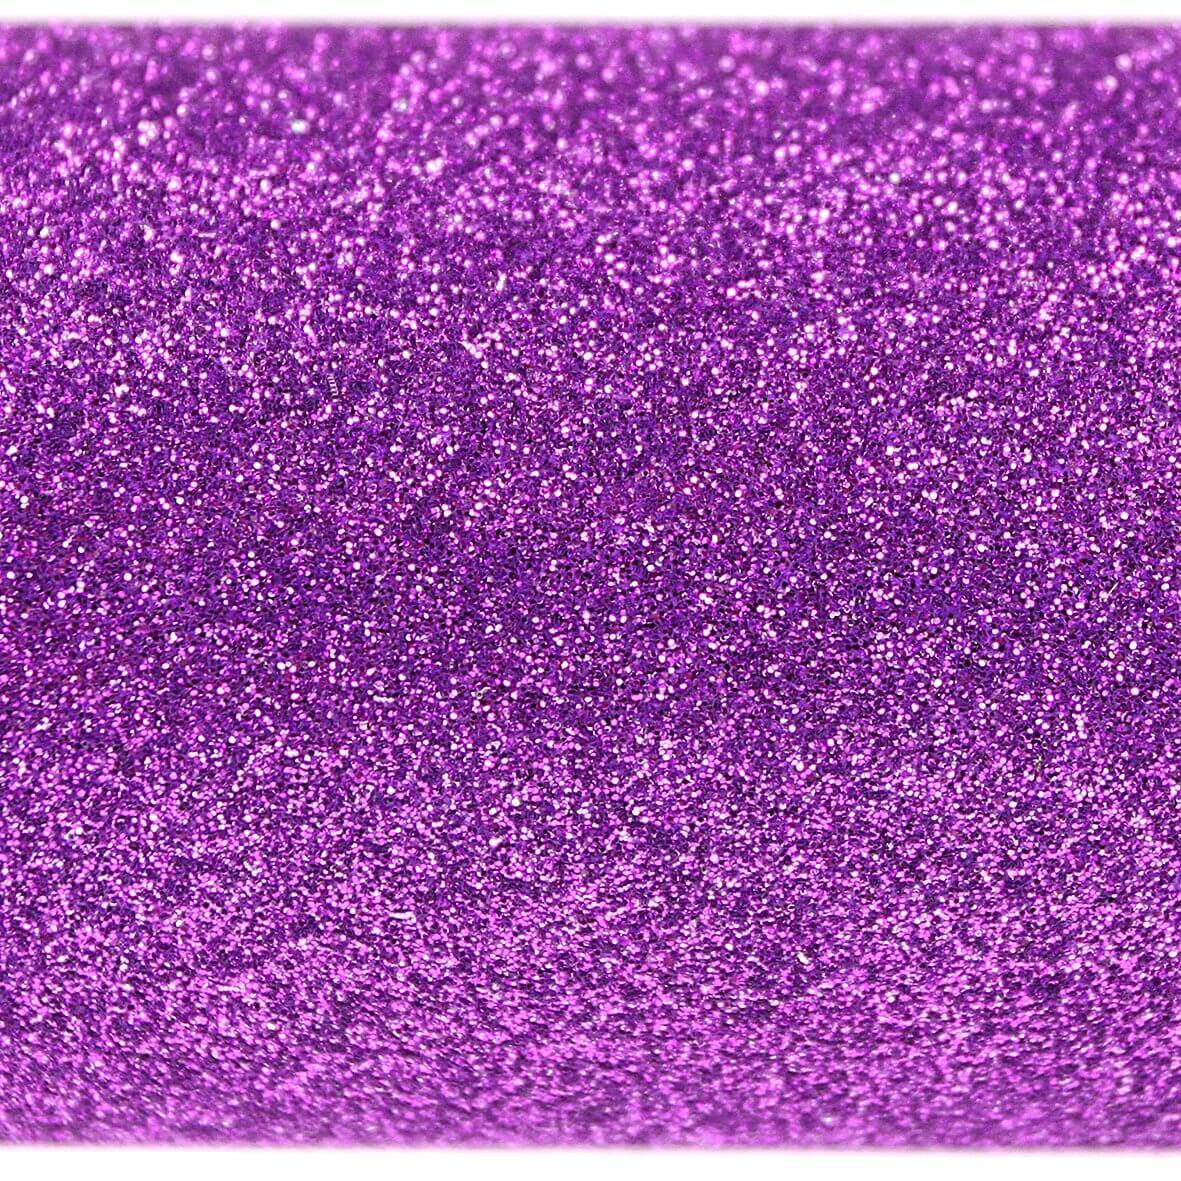 Purple A4 Glitter Paper - Close Up